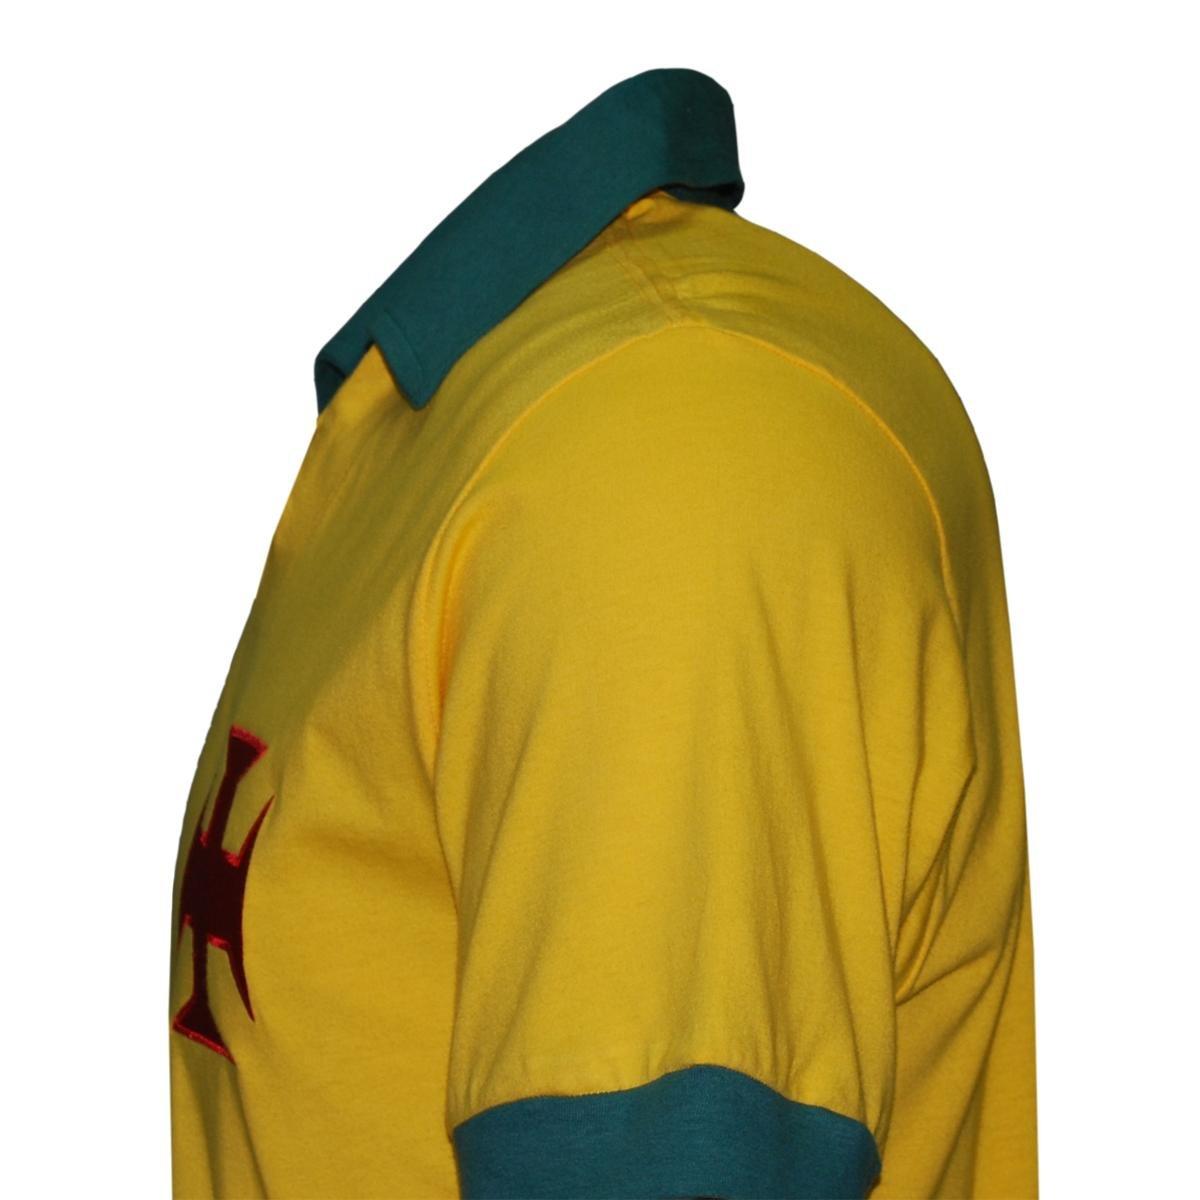 Camisa Liga Retrô Vasco Brasil Masculina - Edição Limitada - Compre ... 5ae796530087a